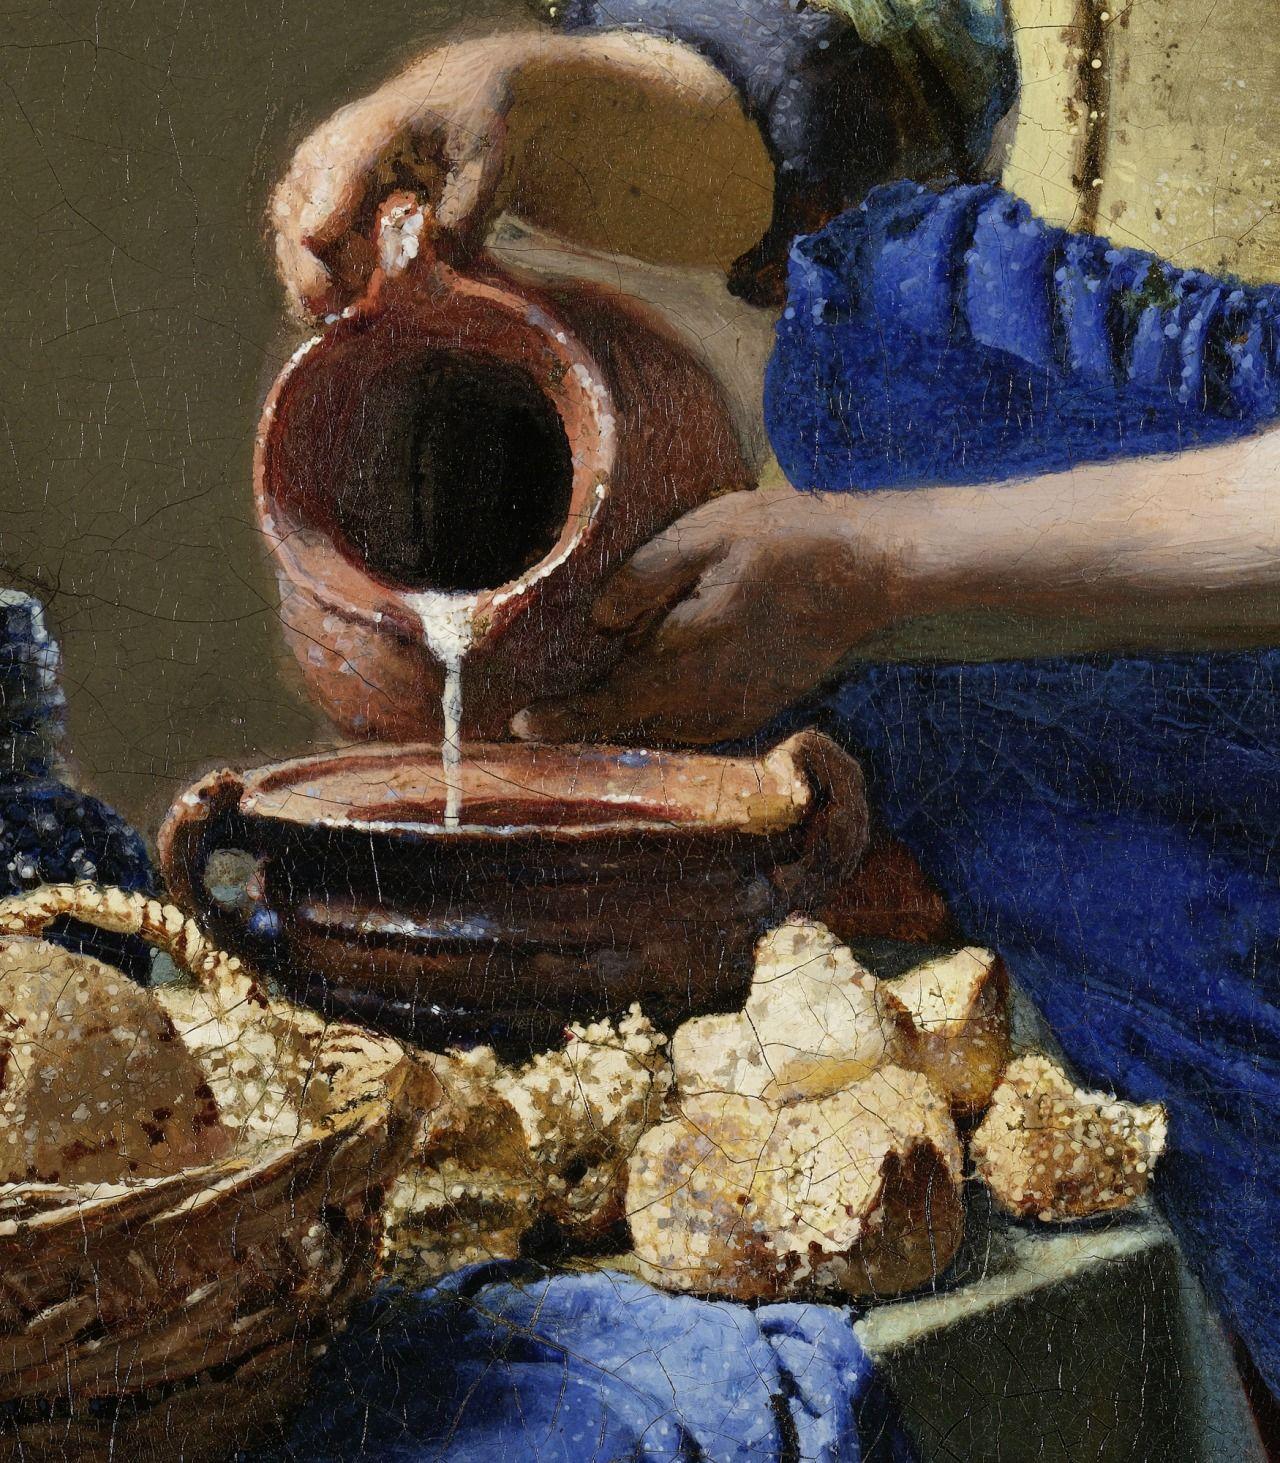 Johannes Vermeer / De Melkmeid (detail) / c 1657-58 | Arte, Manos de mujer  y Barroco